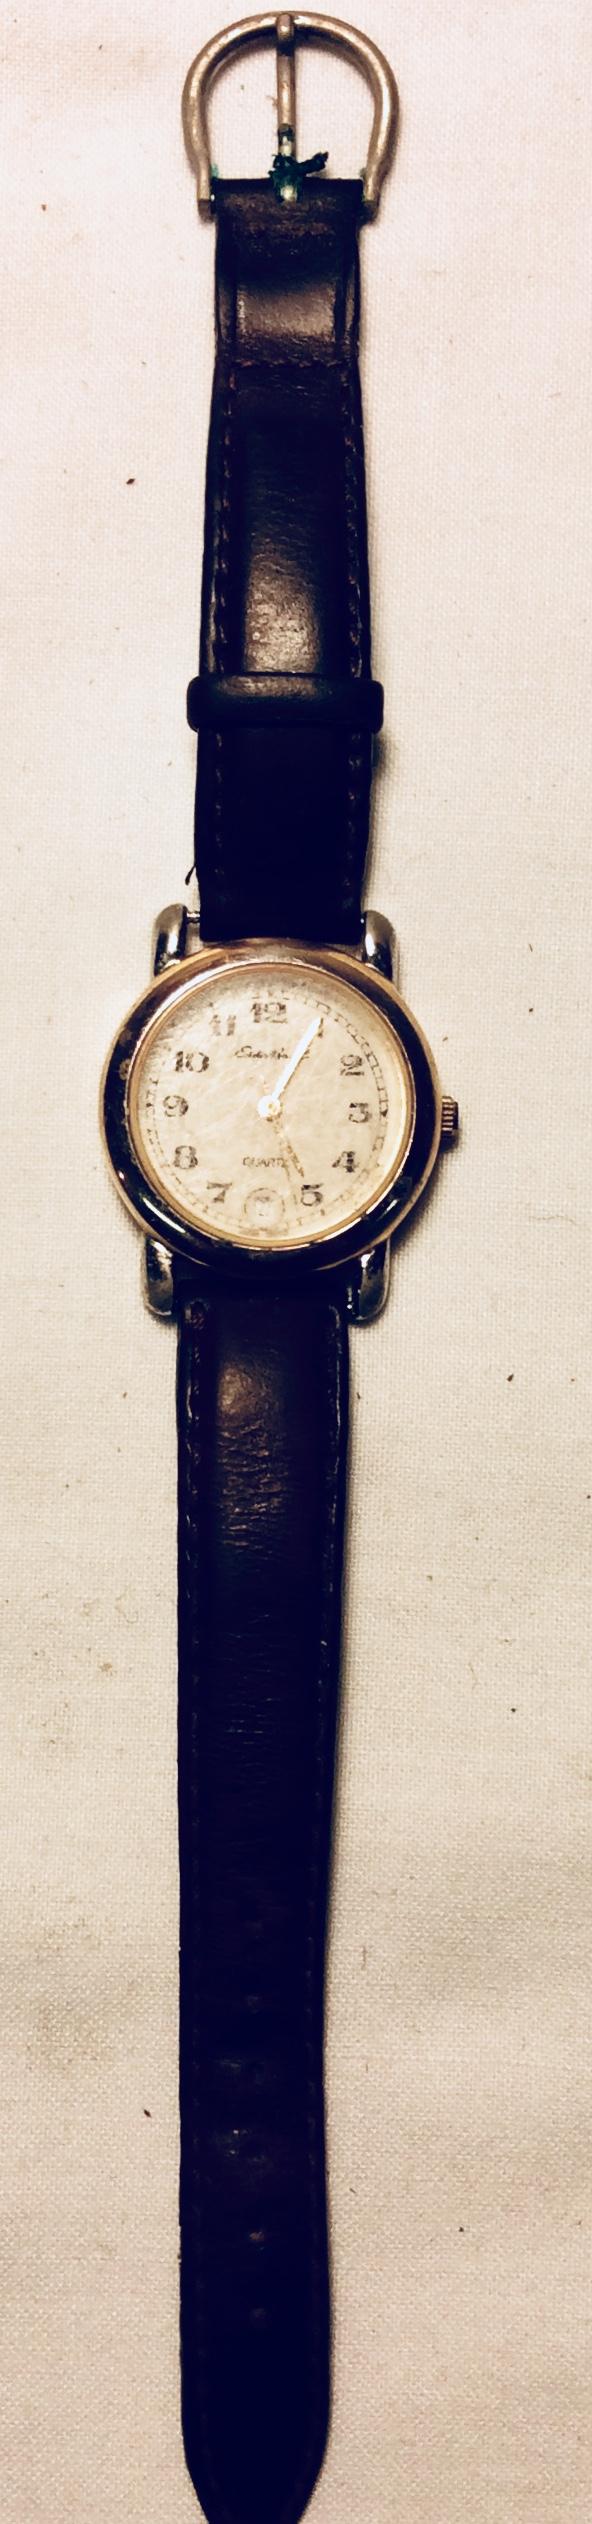 Gold framed face watch